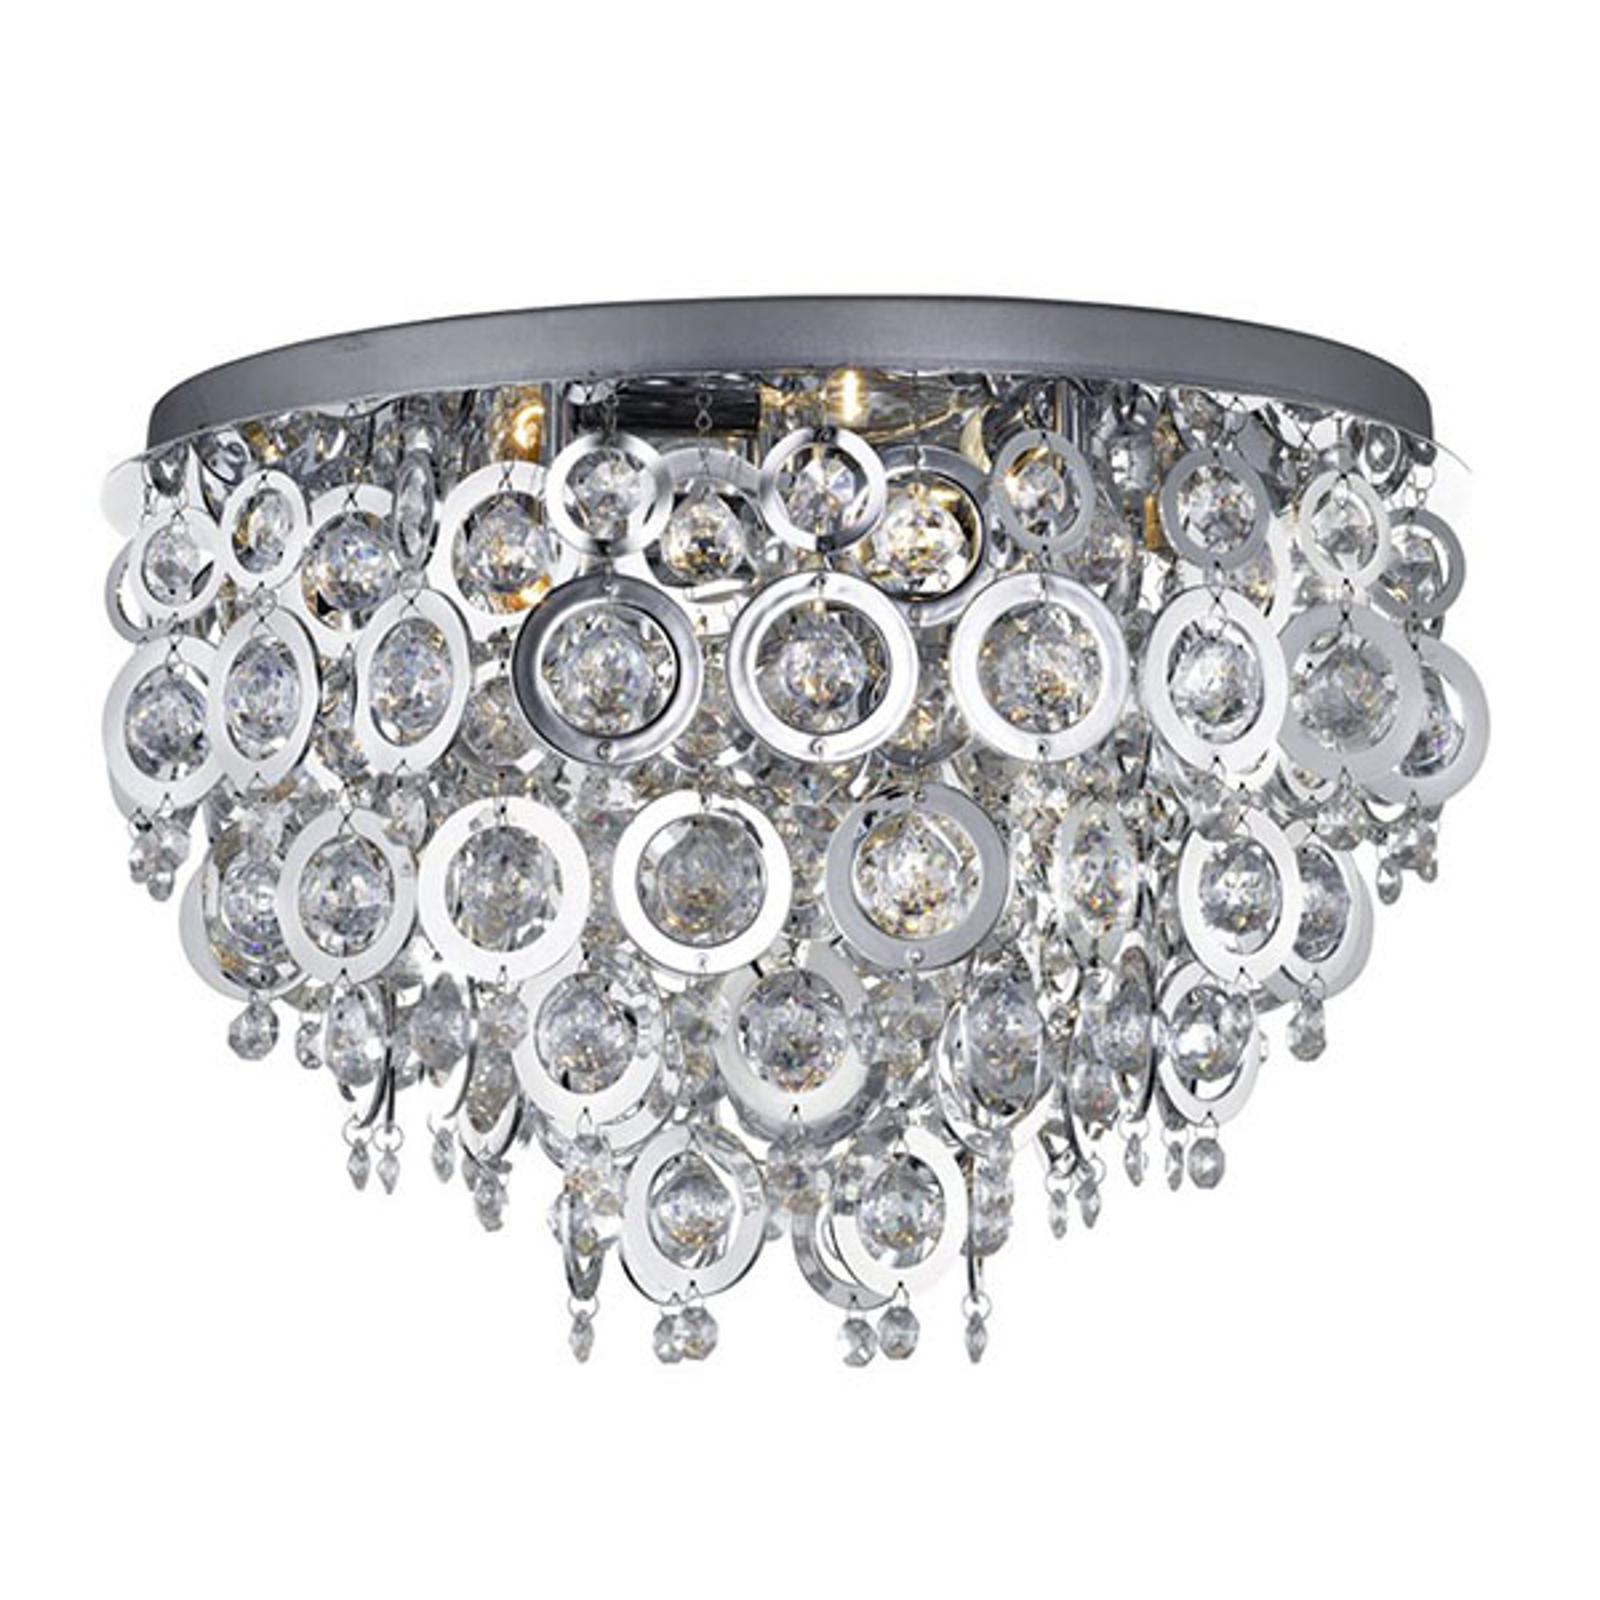 Lampa sufitowa Nova z dekoracyjną ozdobą, Ø 50cm